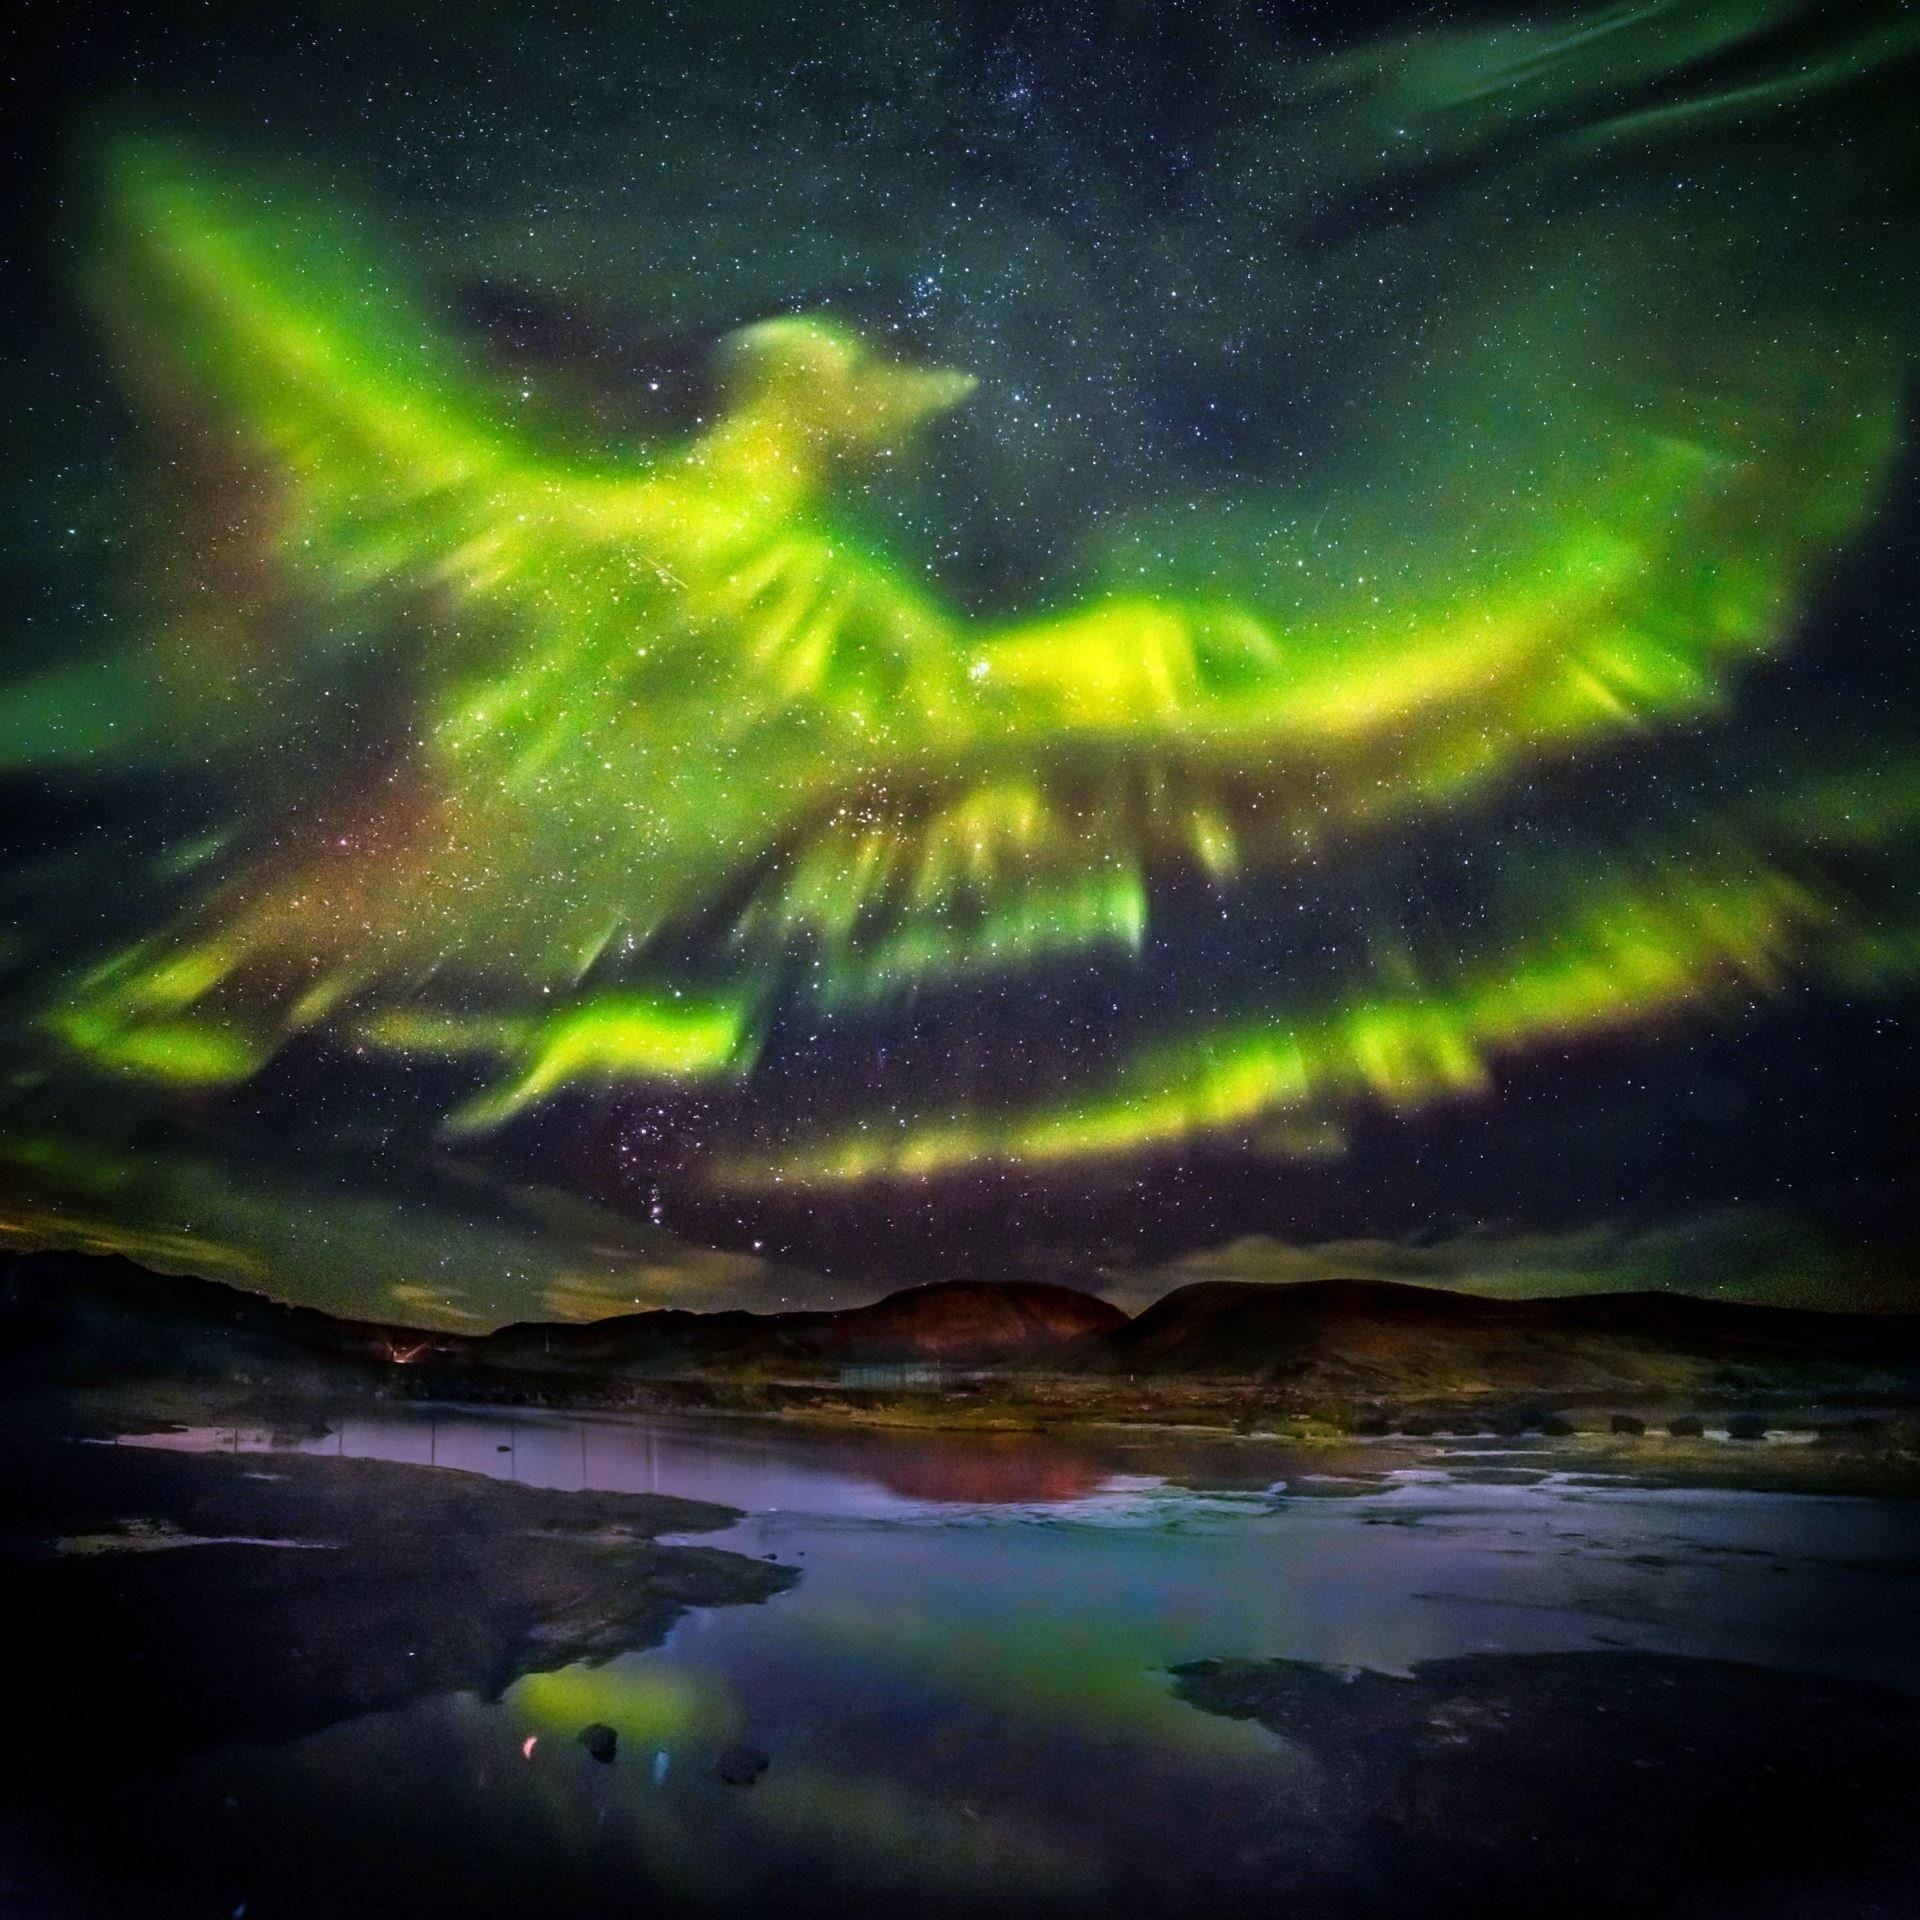 Текущие события - солнце, НЛО, ураганы, северное сияние.... Caters_News_Agency_Aurora_bird